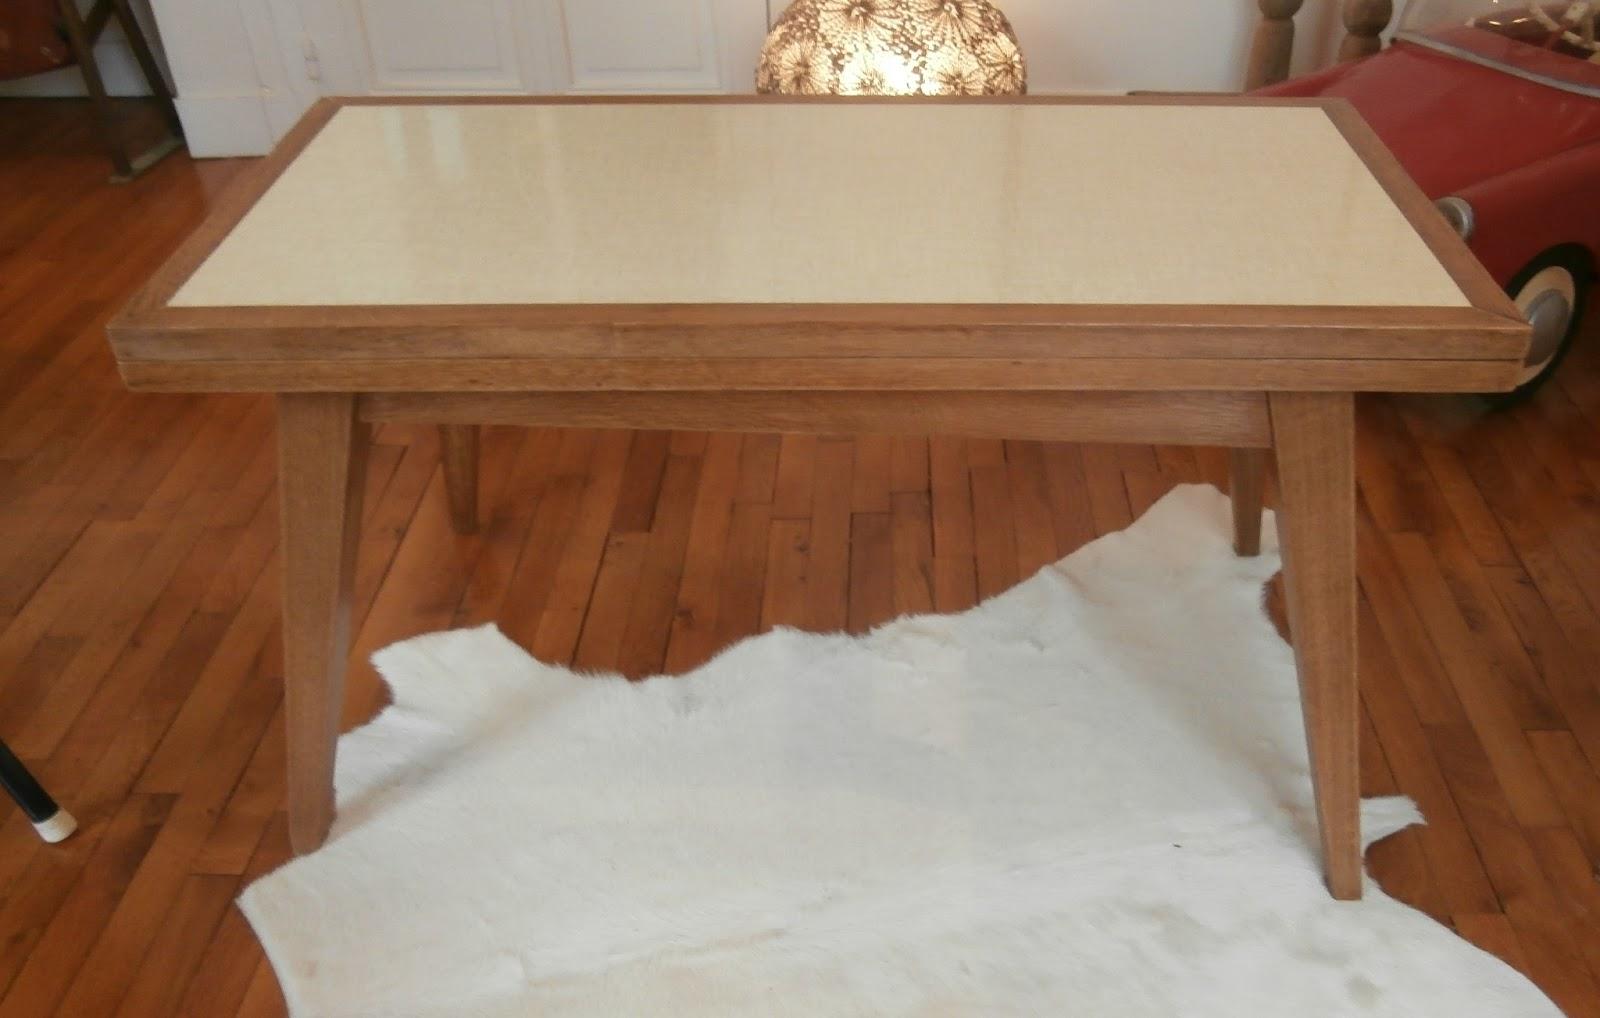 Dur e de vie ind termin e rare table basse portefeuille - Charniere table basse relevable ...